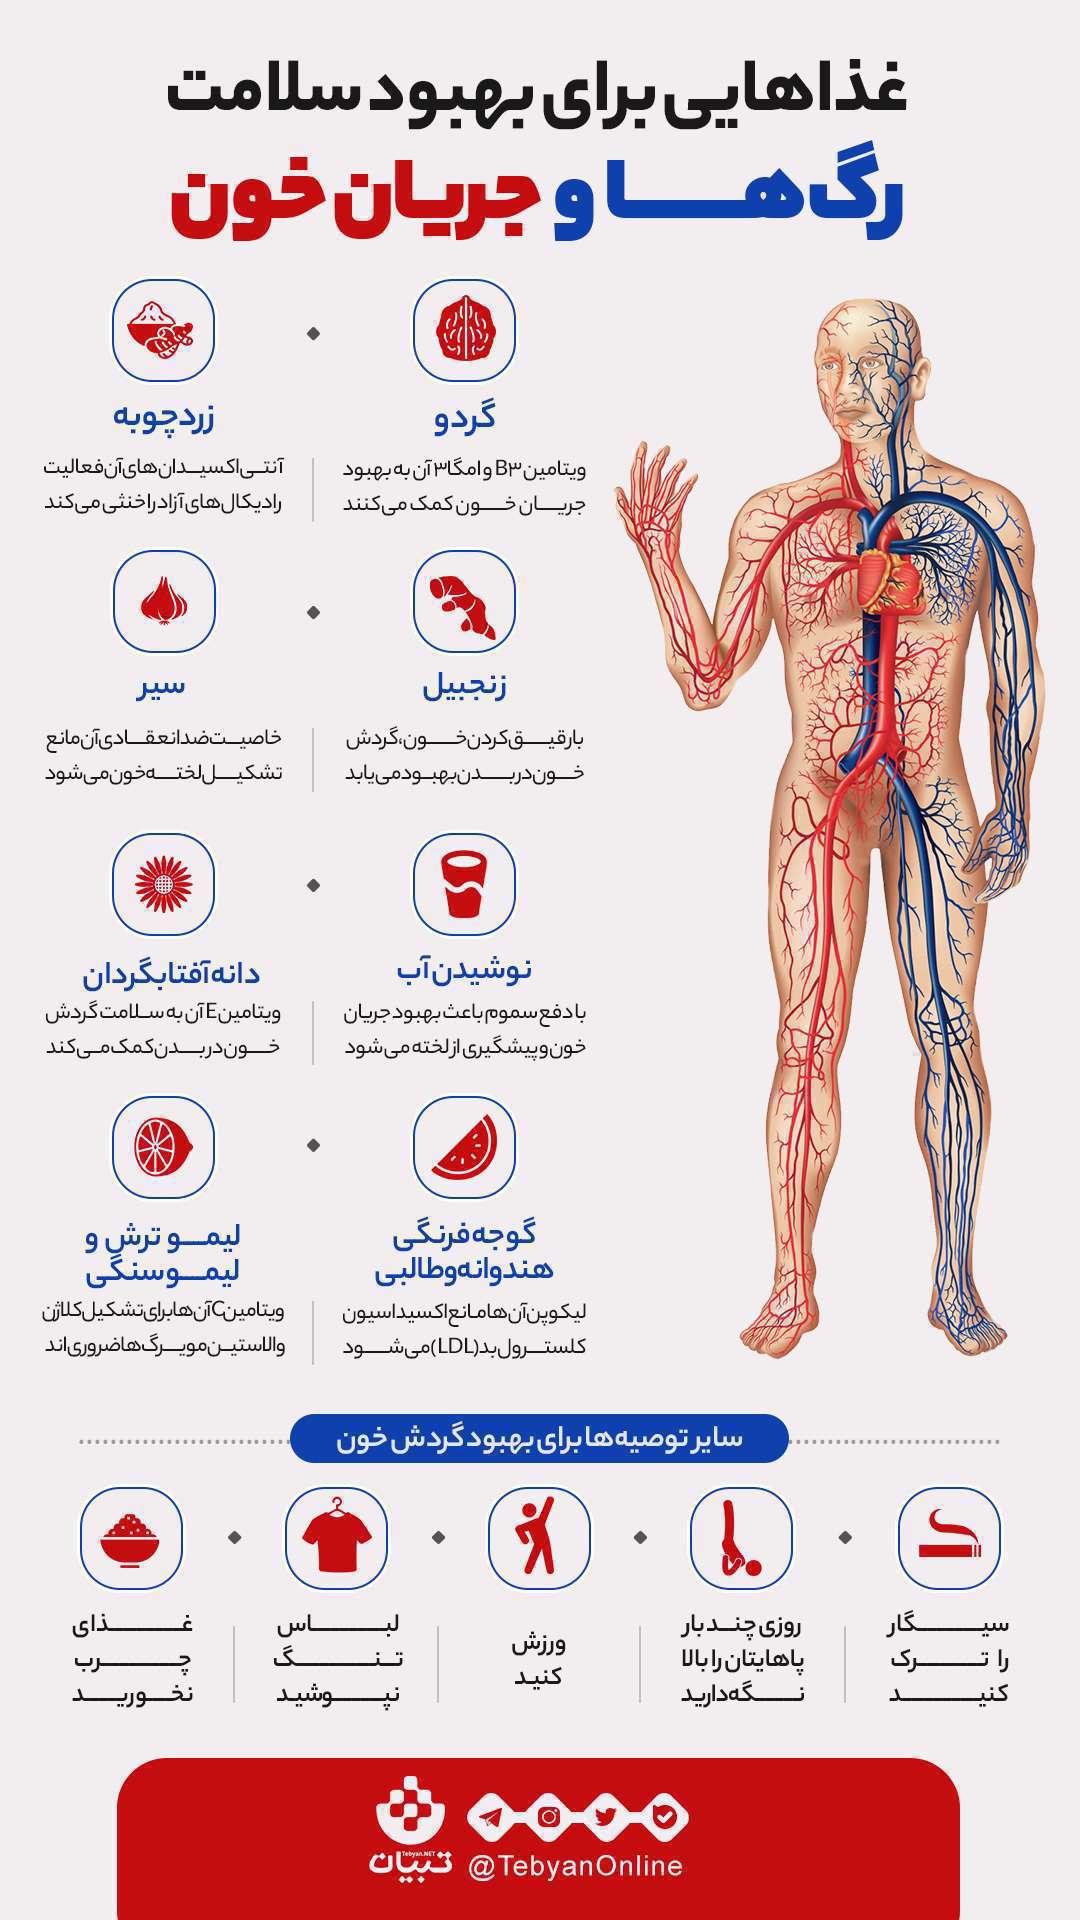 غذاها، بهبود گردش خون، بهبود رگ ها، آنتی اکسیدان ها،